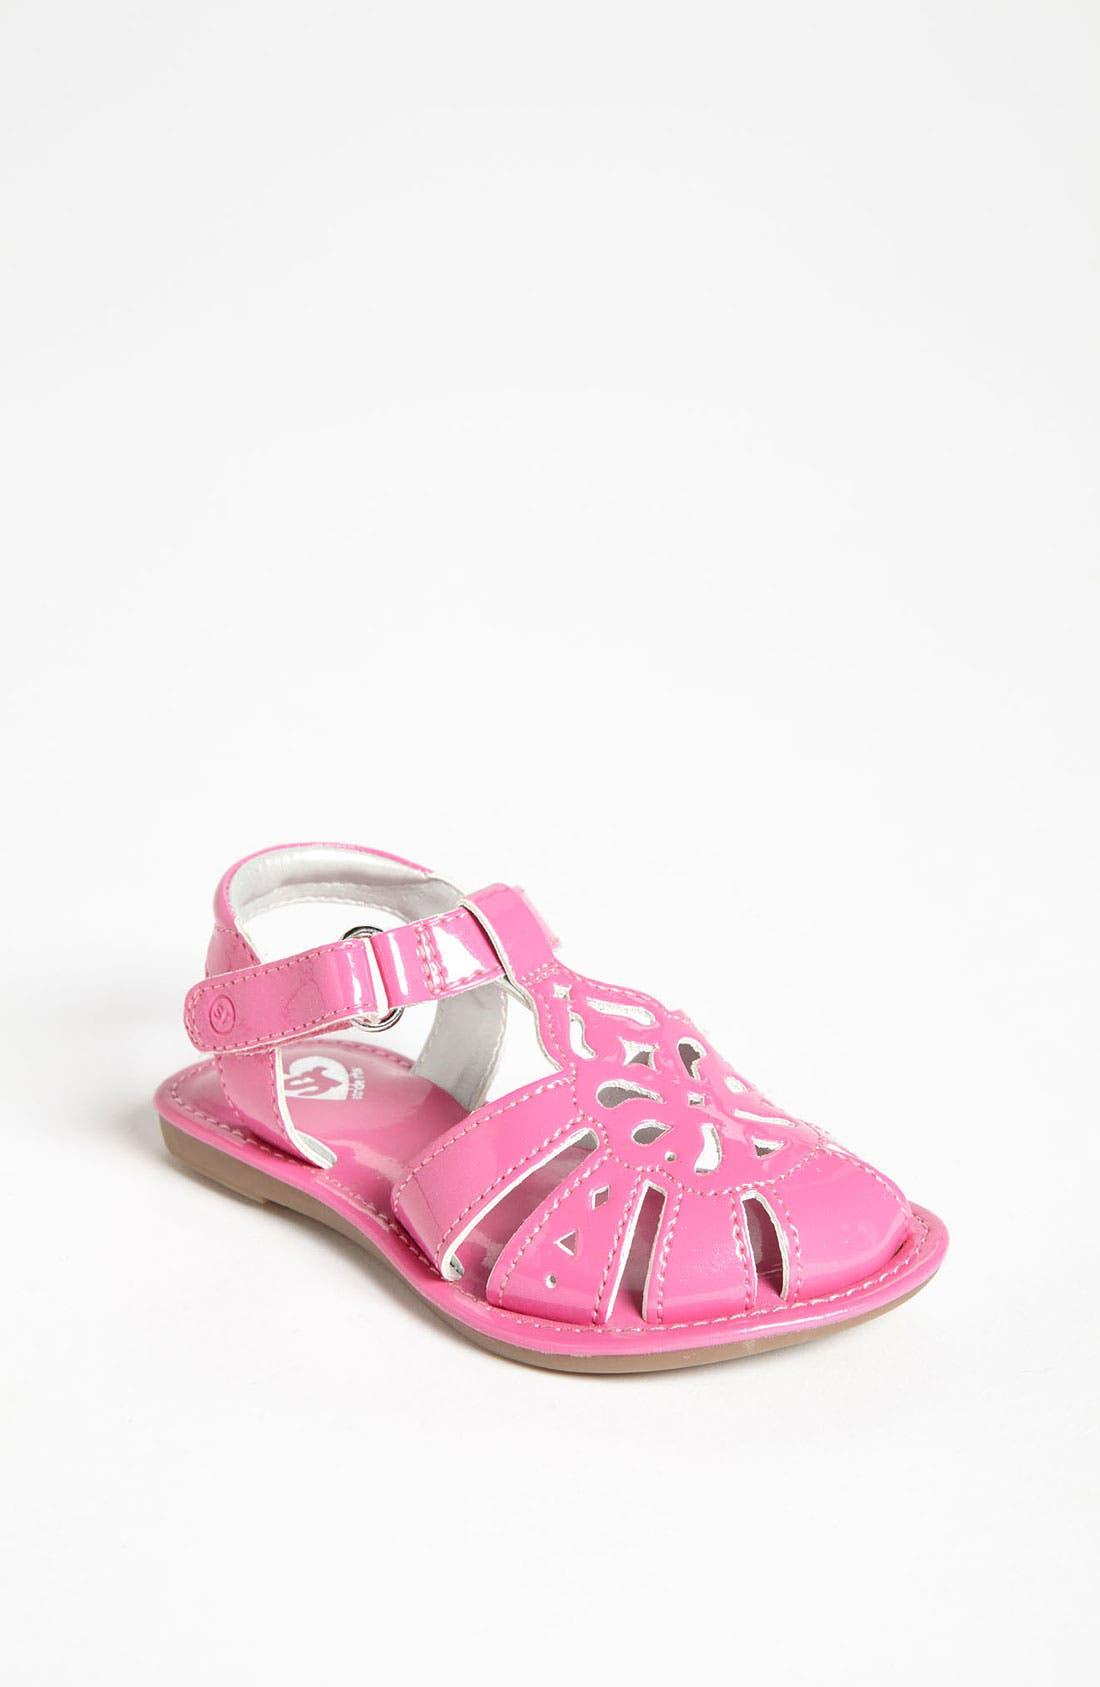 Main Image - Stride Rite 'Baby Tessa' Sandal (Baby, Walker & Toddler)